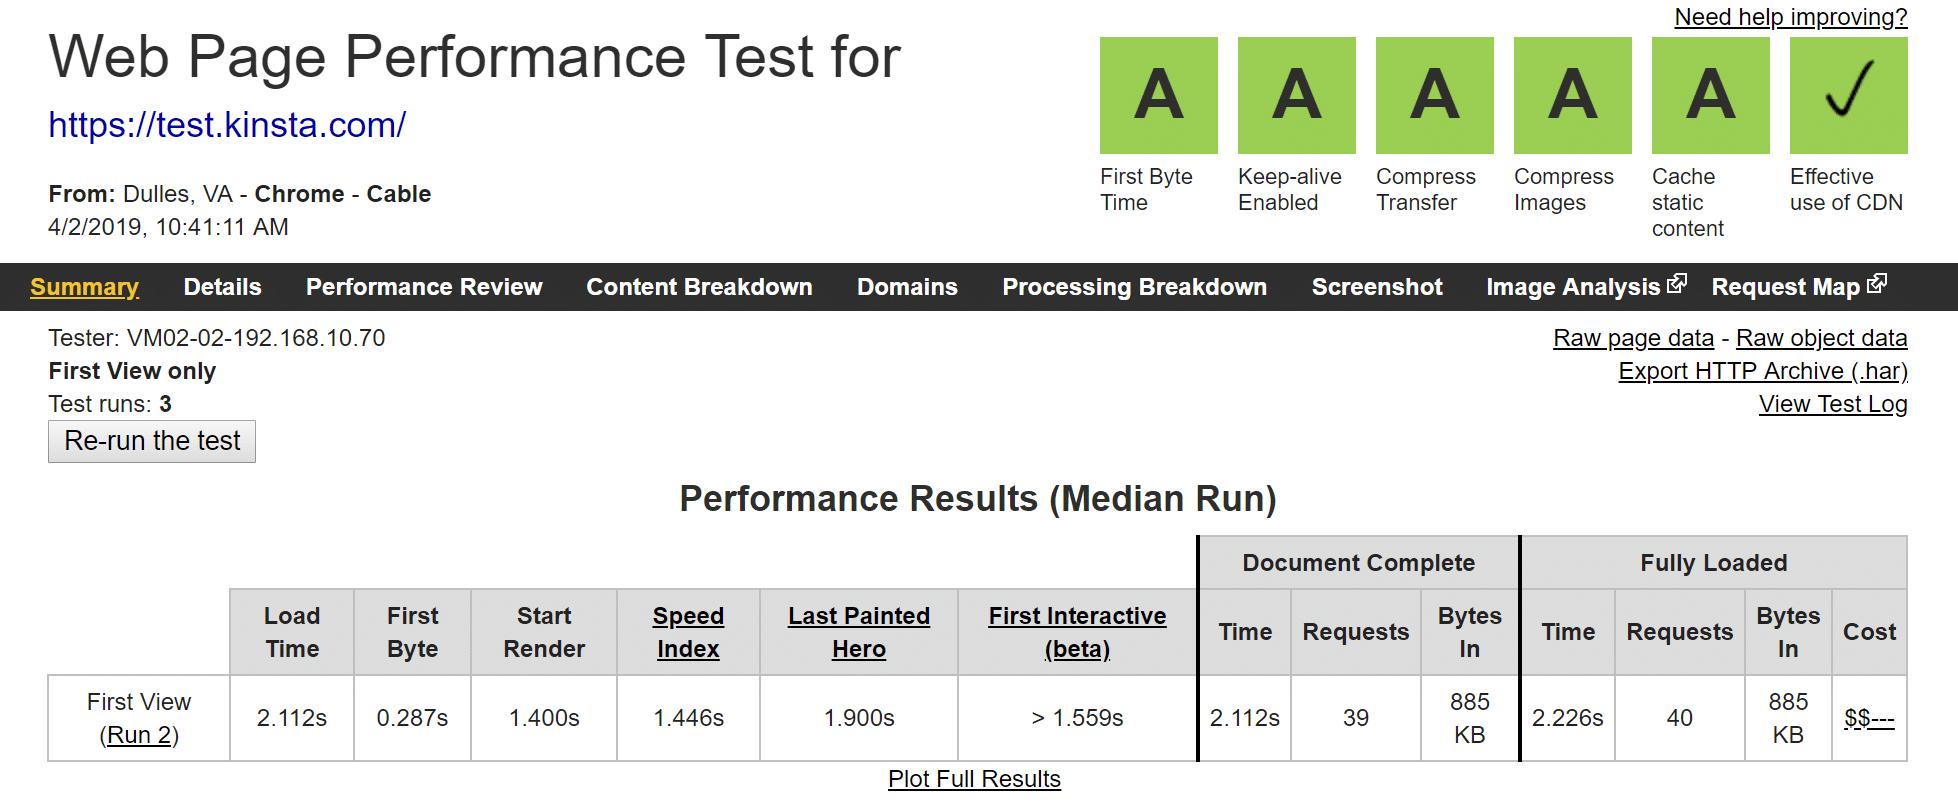 Datos de Kinsta WebPageTest